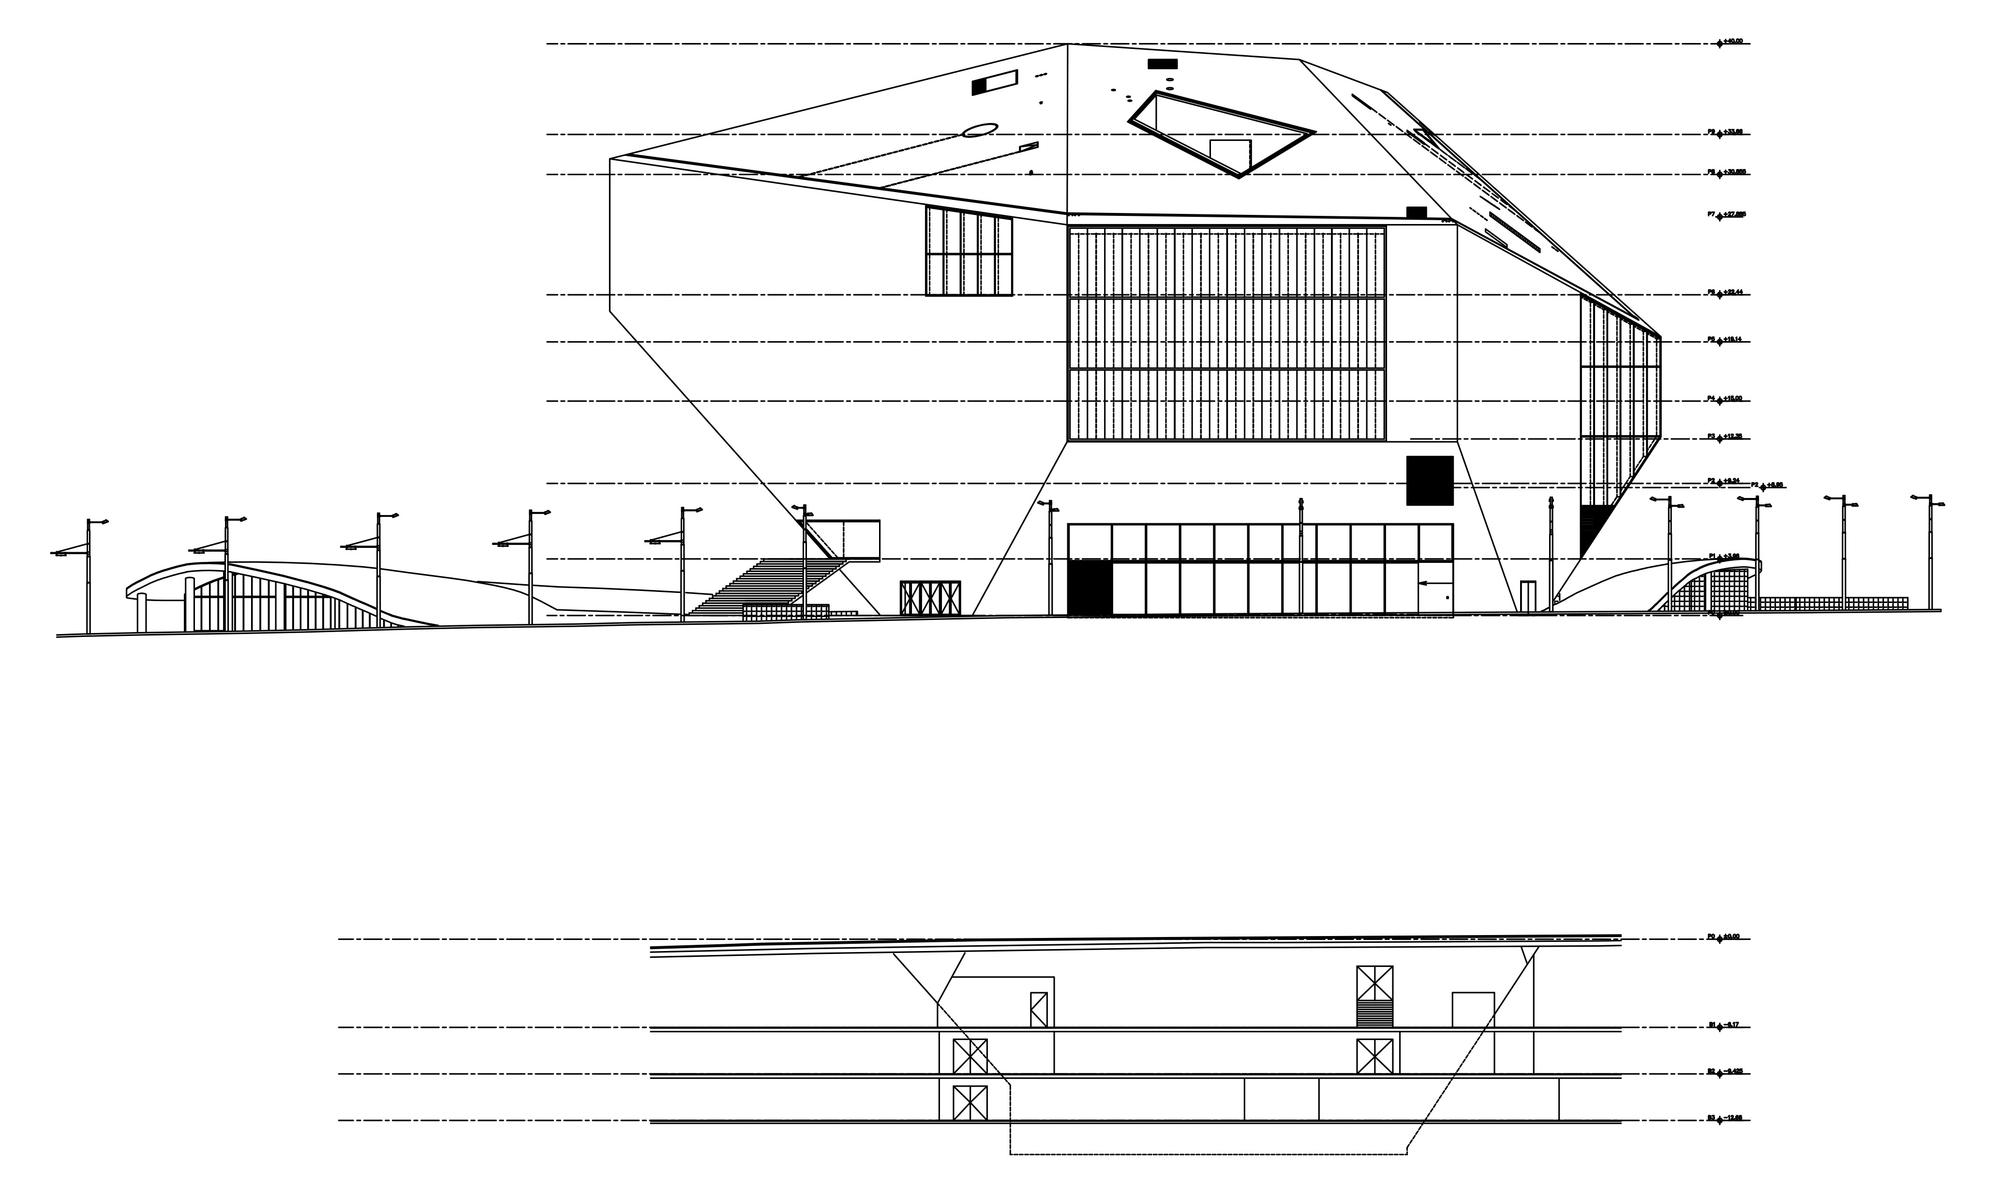 Casa da Musica / OMA (3)